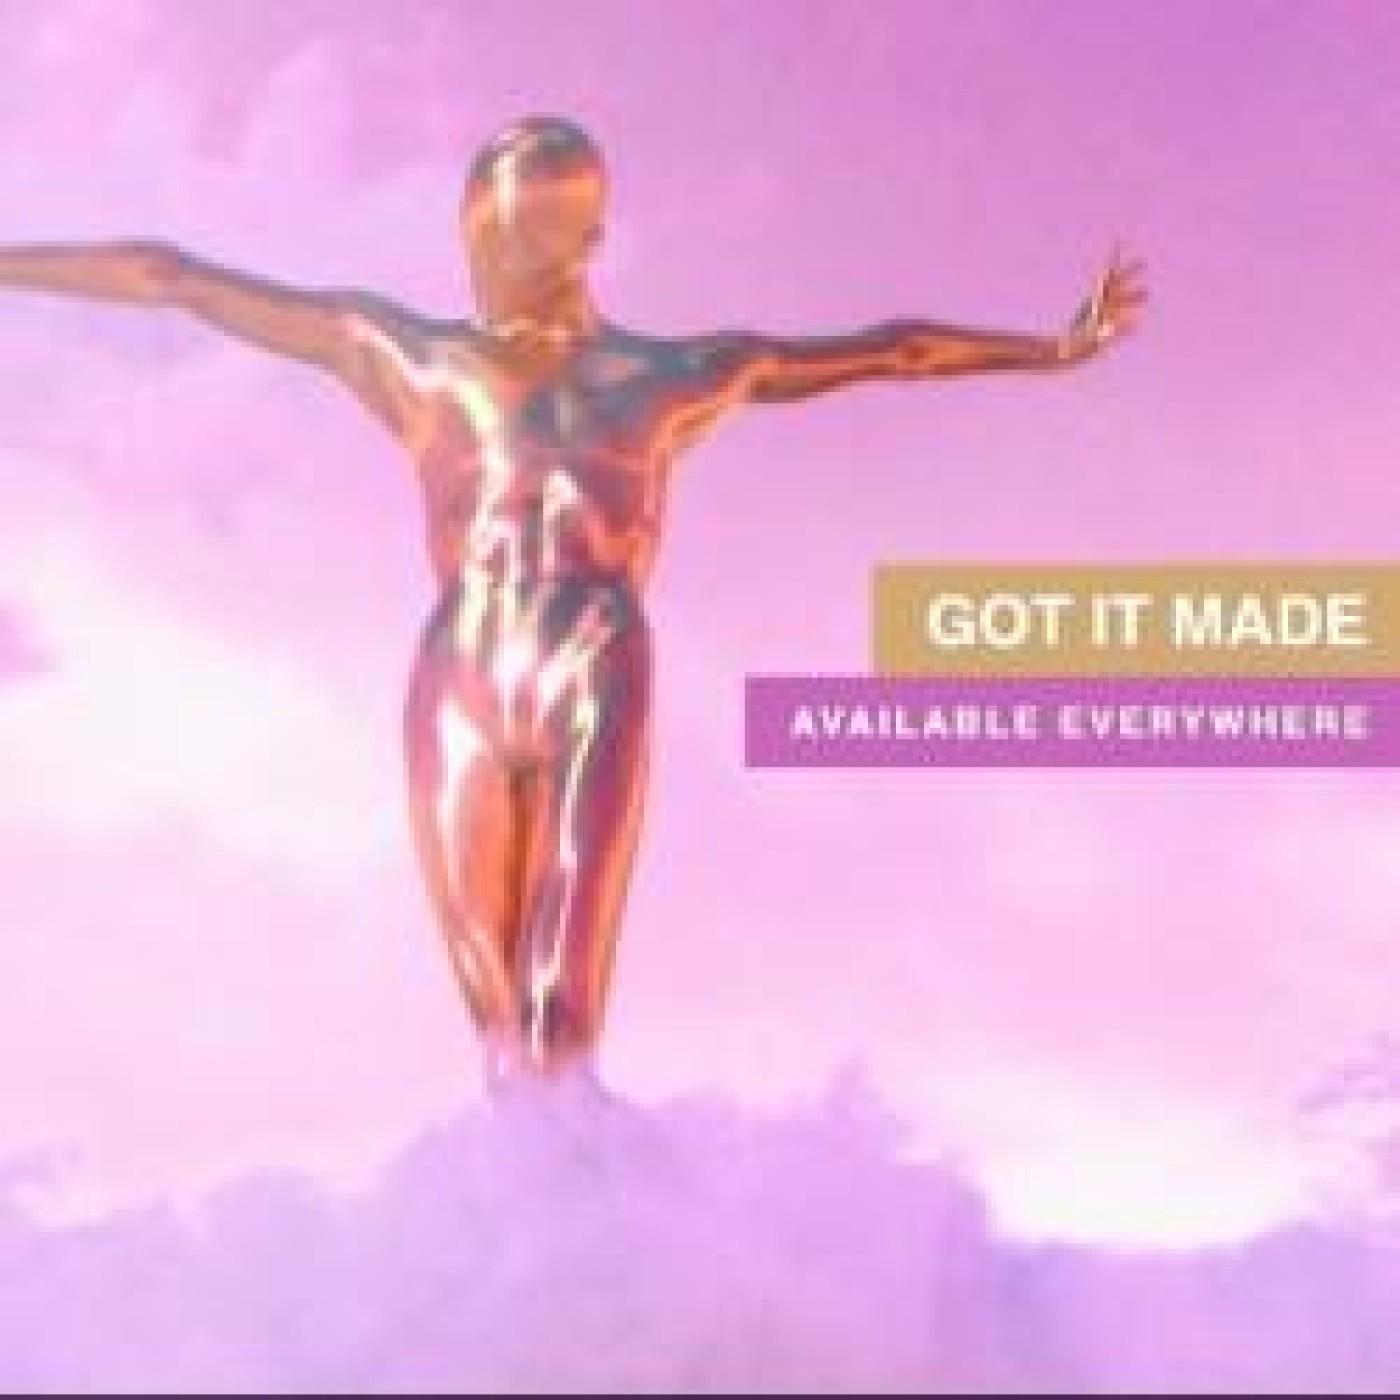 Coup de coeur pour 'Got it Made' de Mome